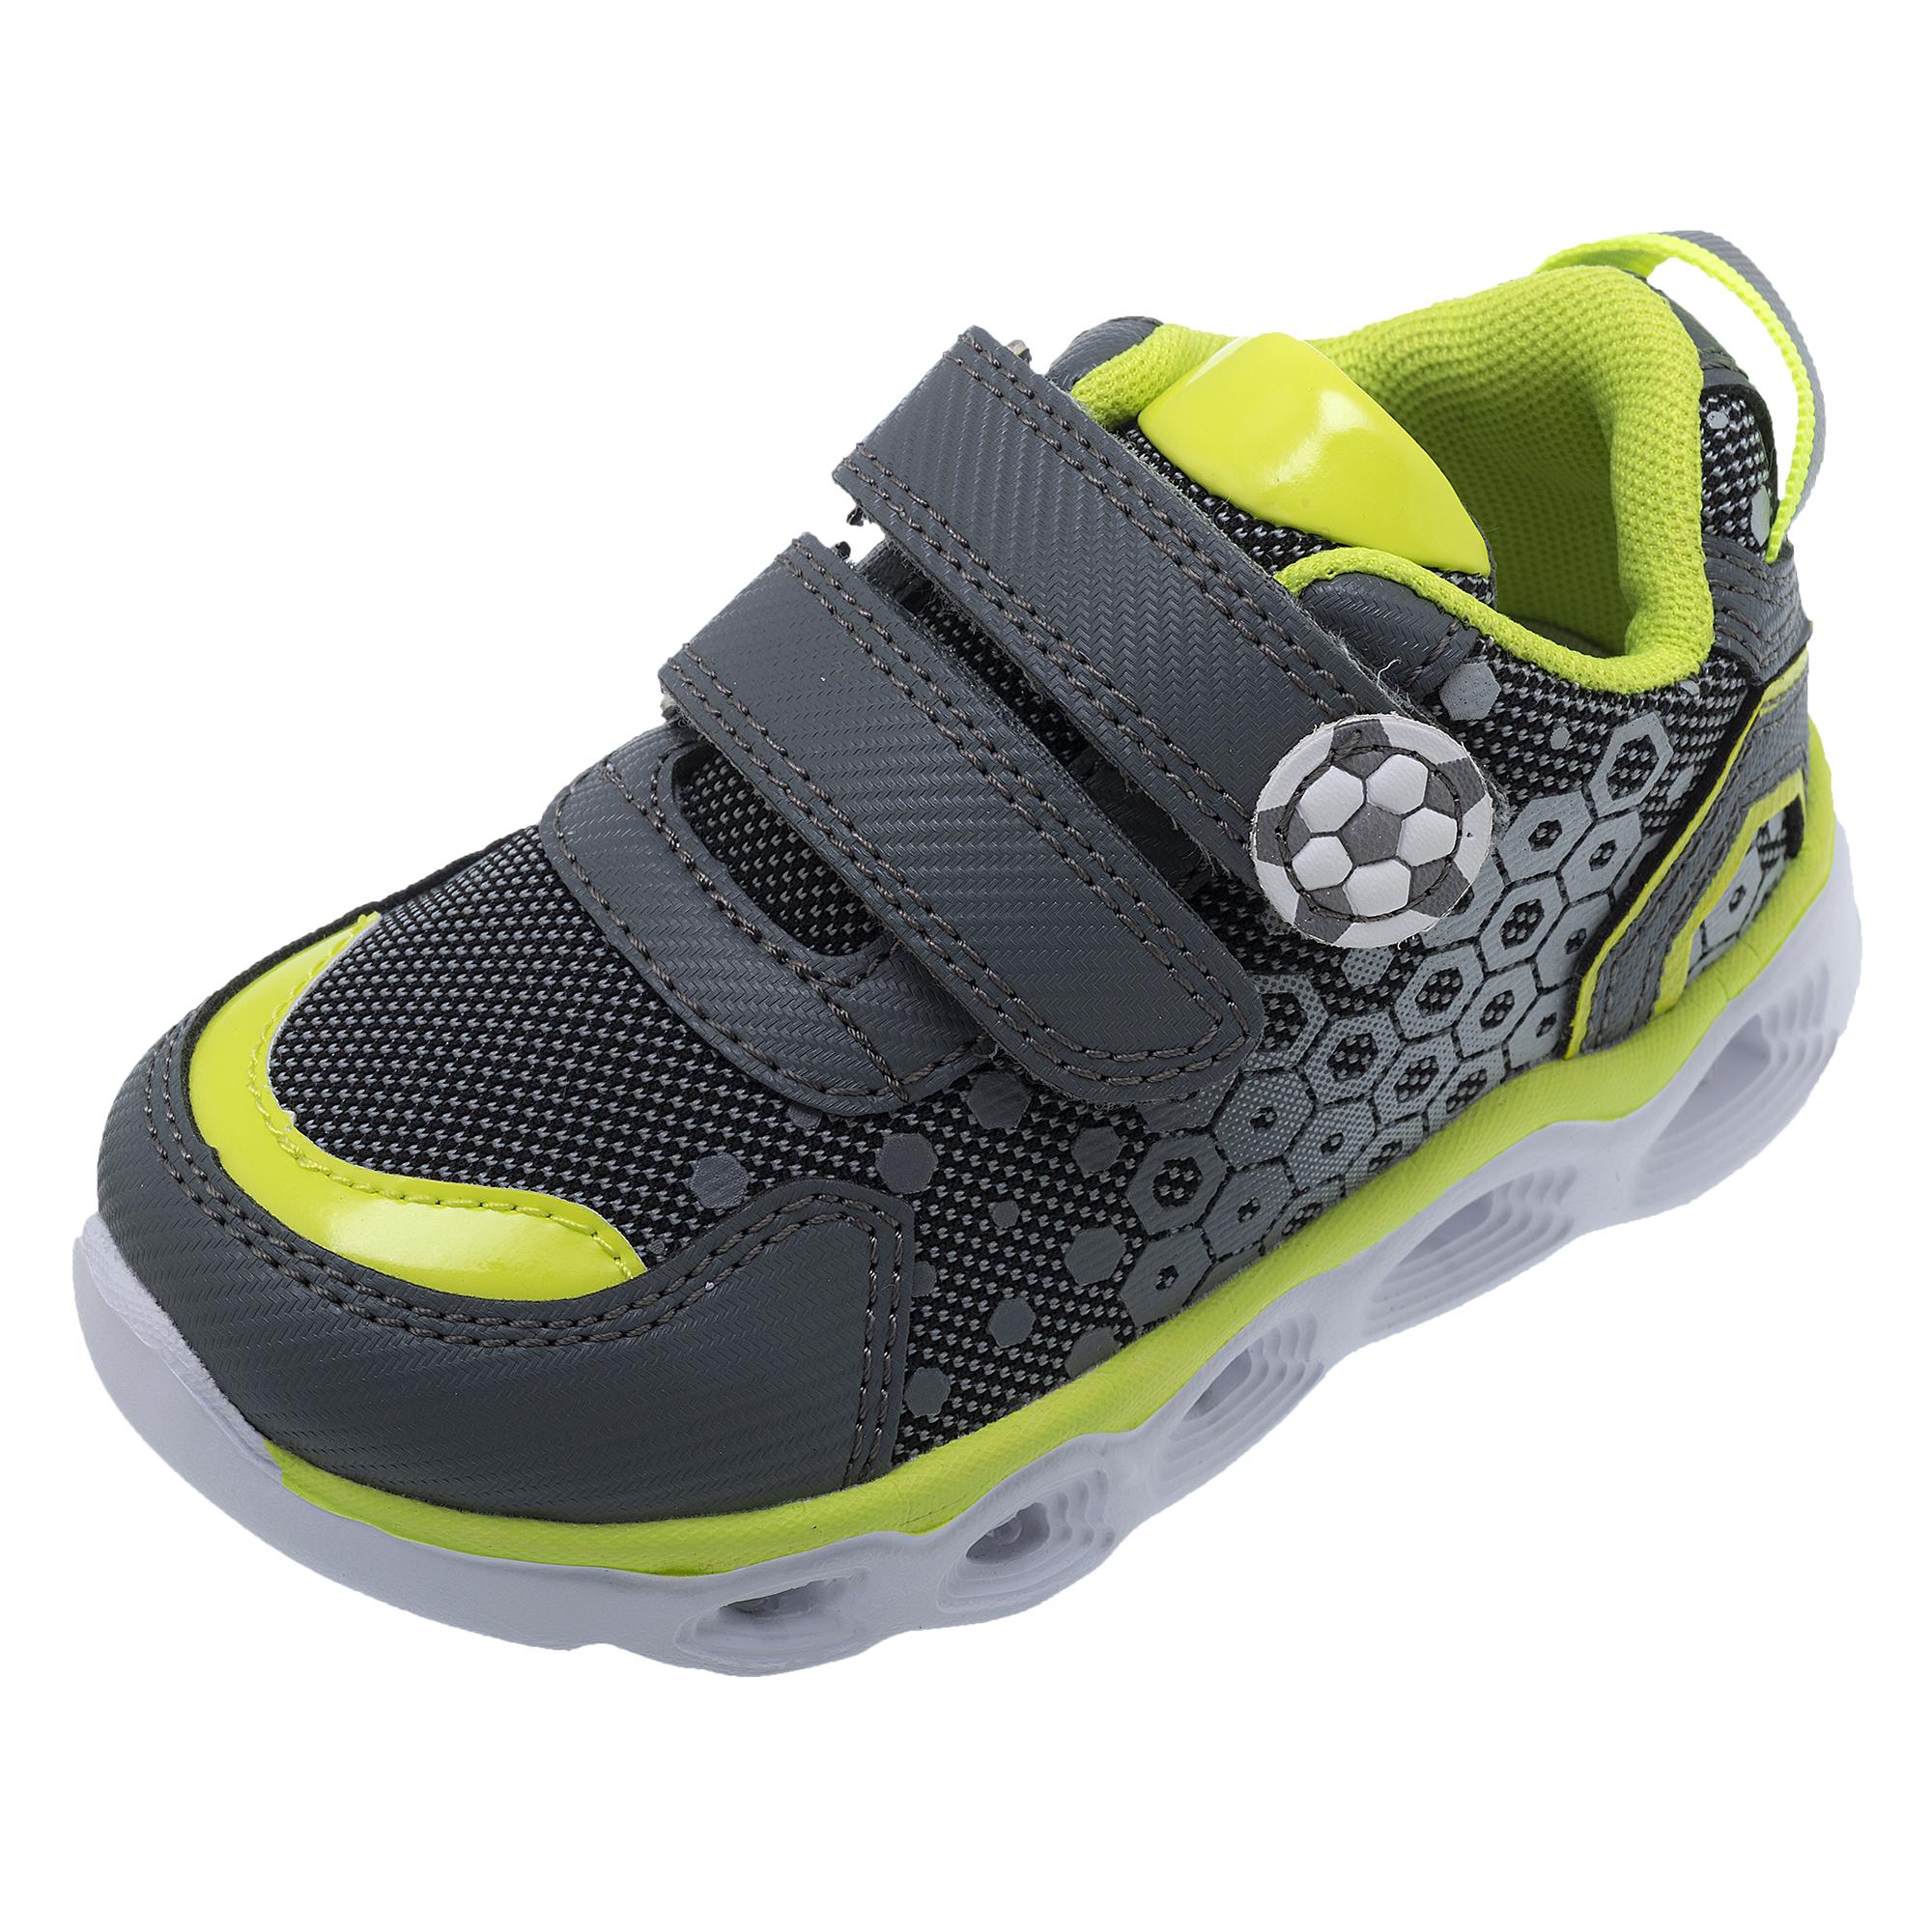 Pantof Sport Copii Chicco Capitol, Gri Inchis, 64471 imagine